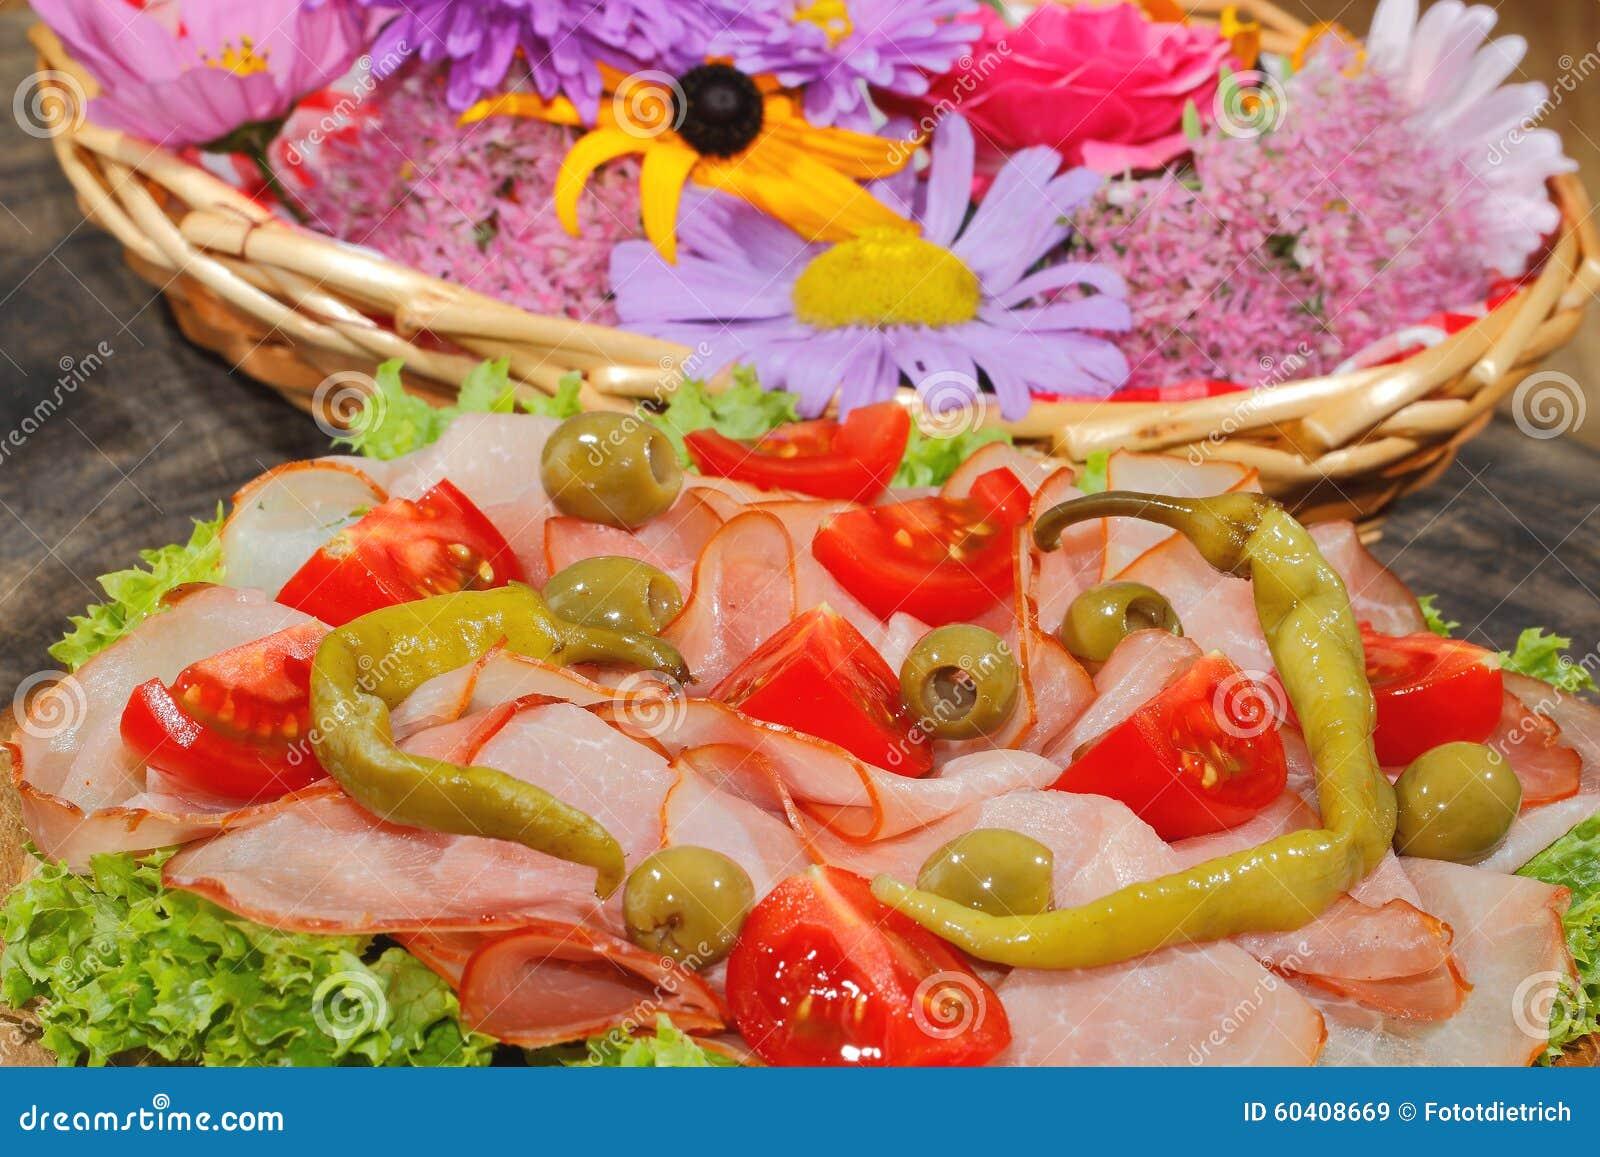 火腿板材,火腿,意大利辣味香肠,蕃茄,橄榄,莴苣